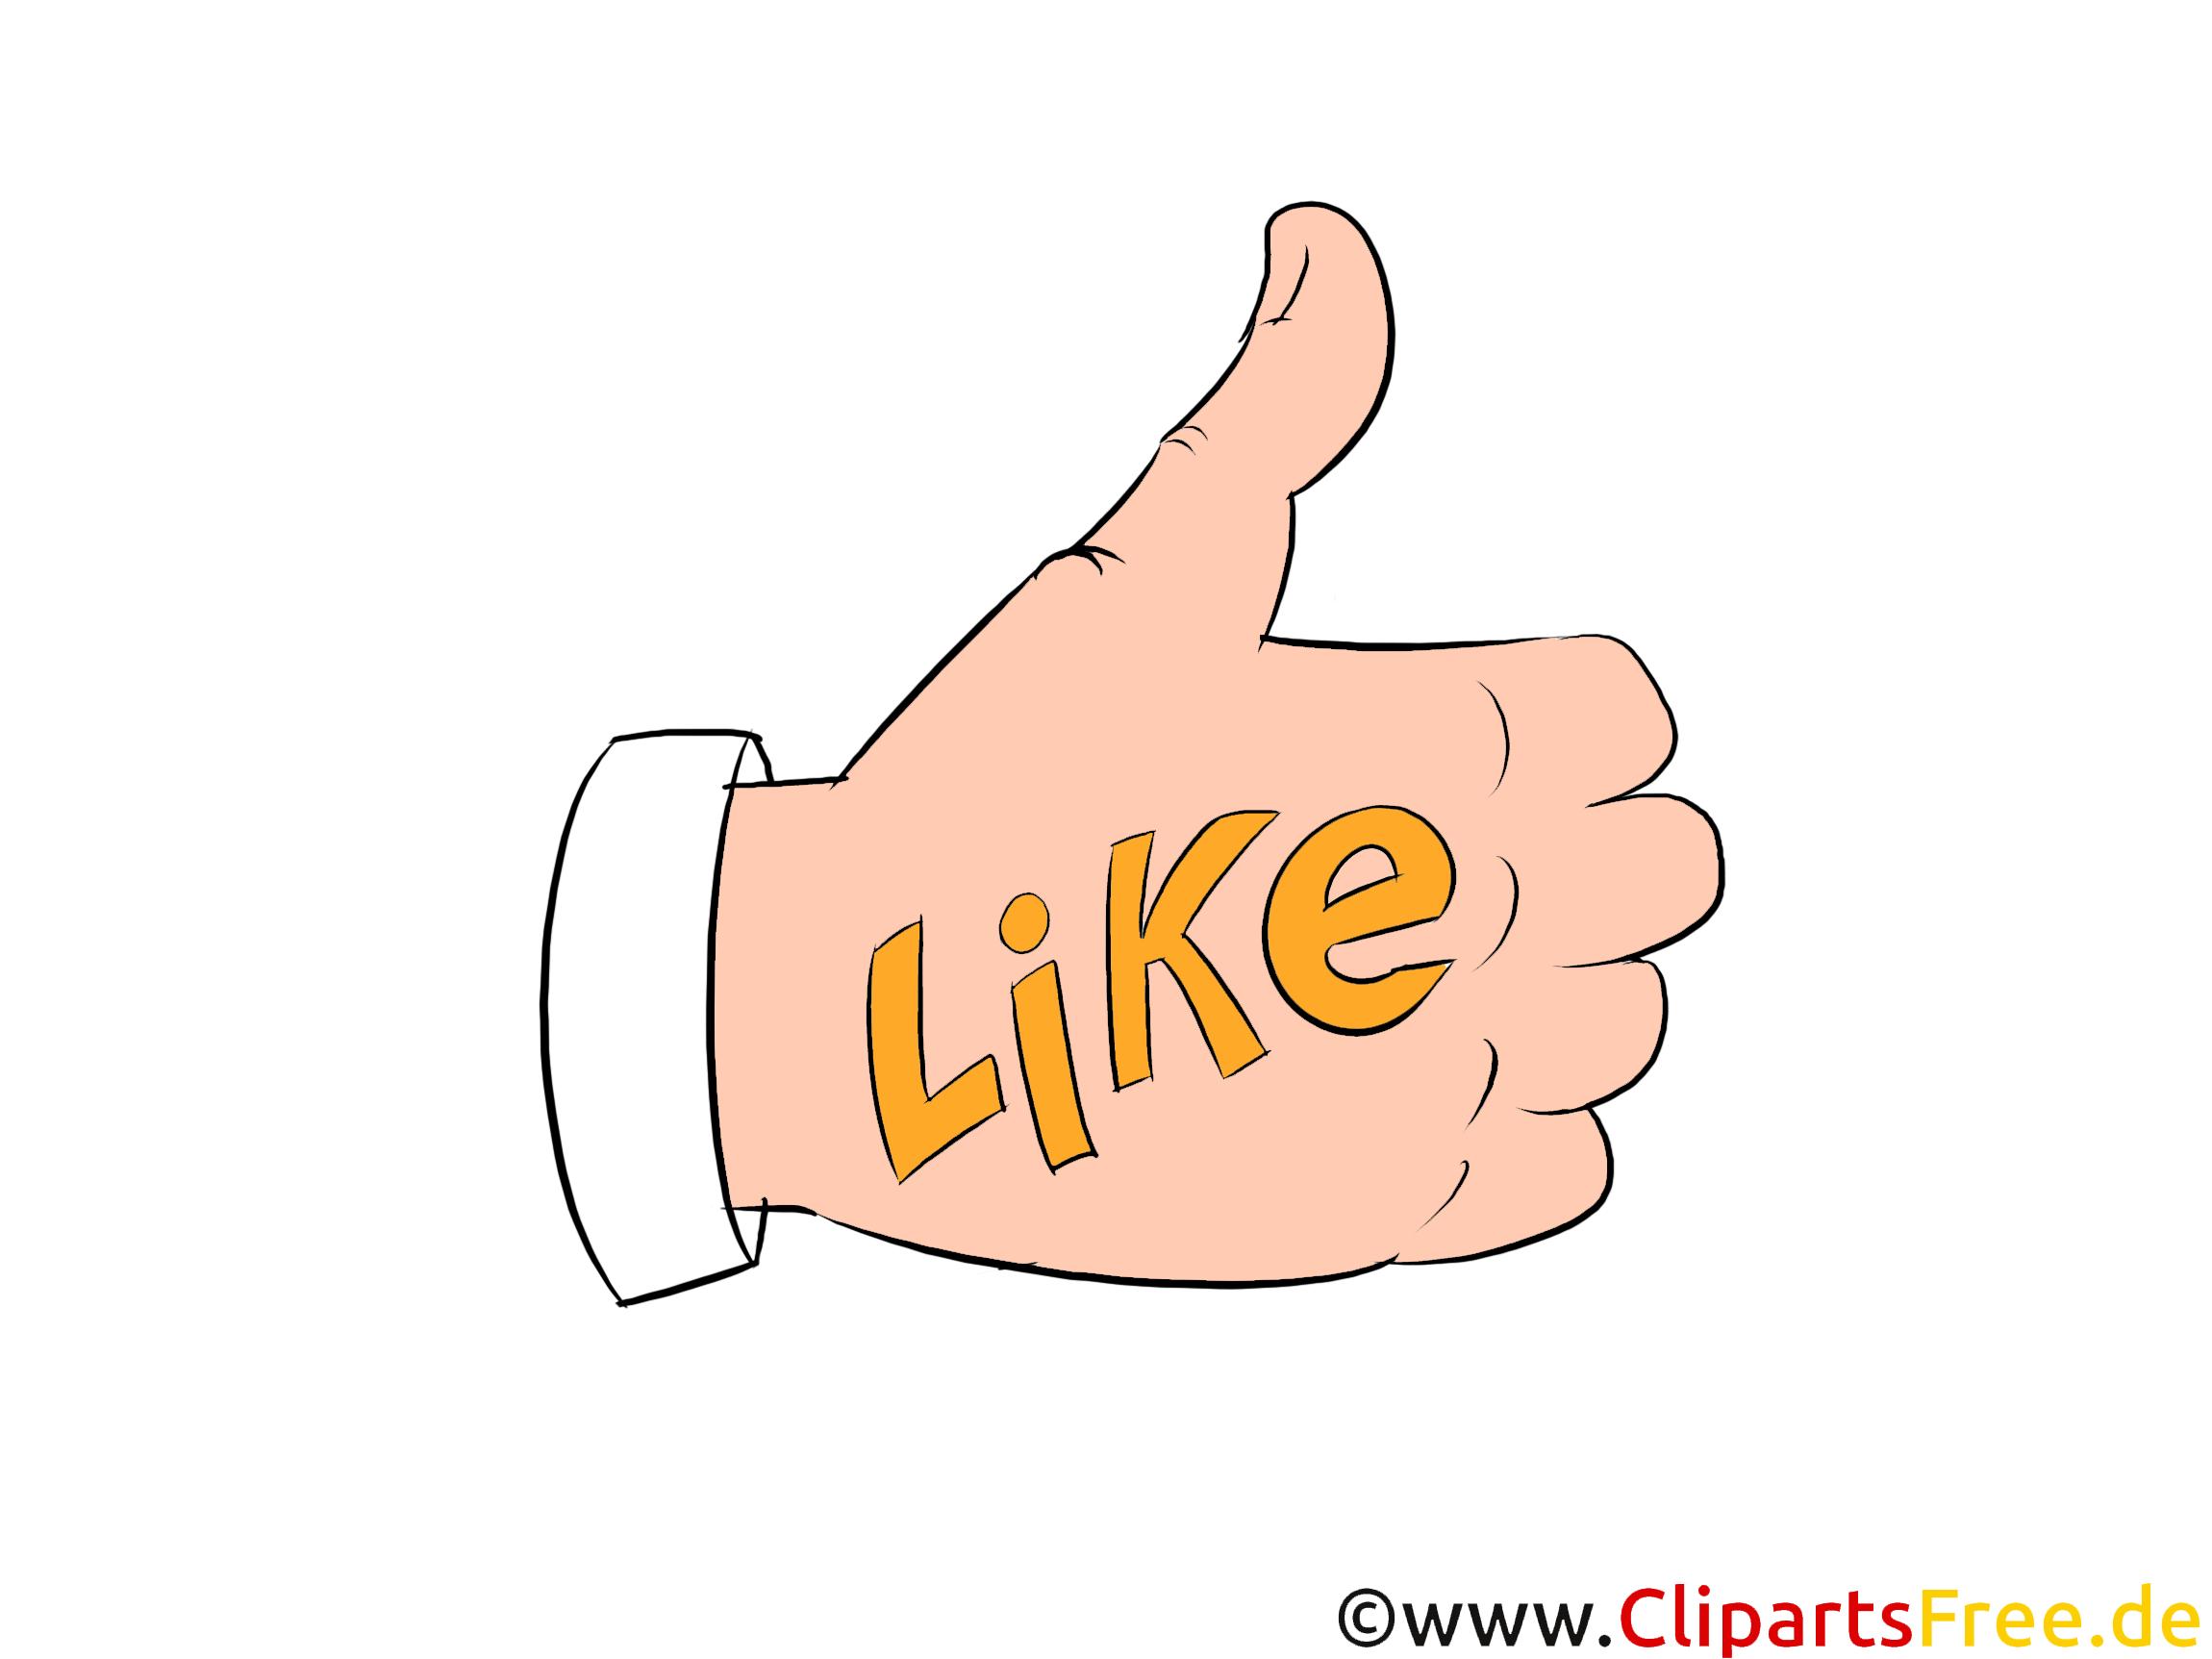 Like Clipart - Daumen hoch Bild